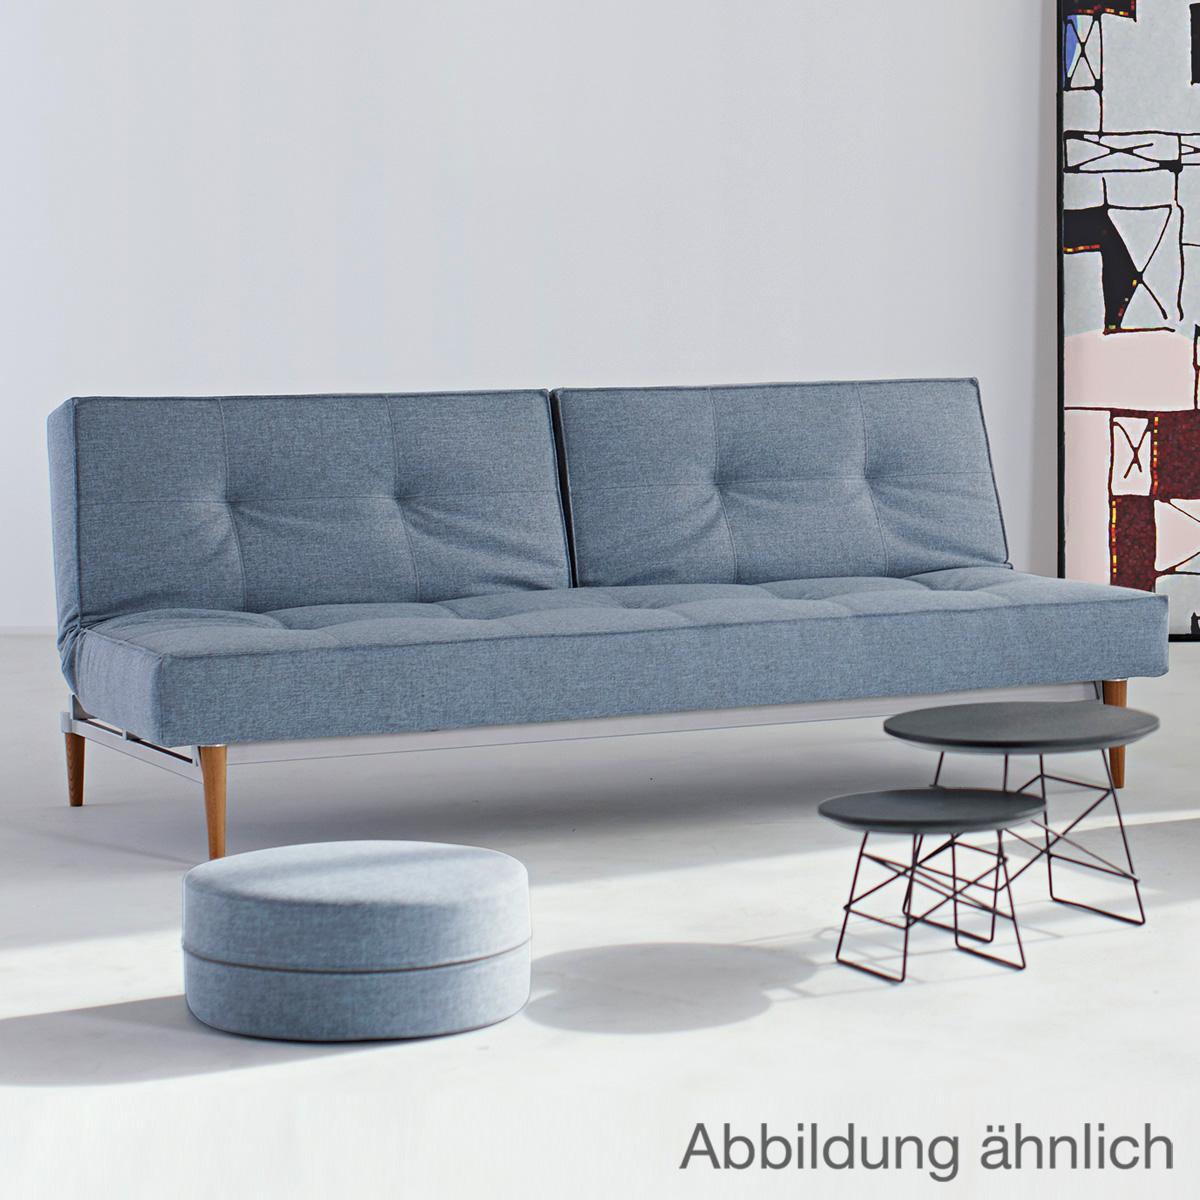 innovation splitback wood schlafsofa 94 741010216 3 2 reuter onlineshop. Black Bedroom Furniture Sets. Home Design Ideas